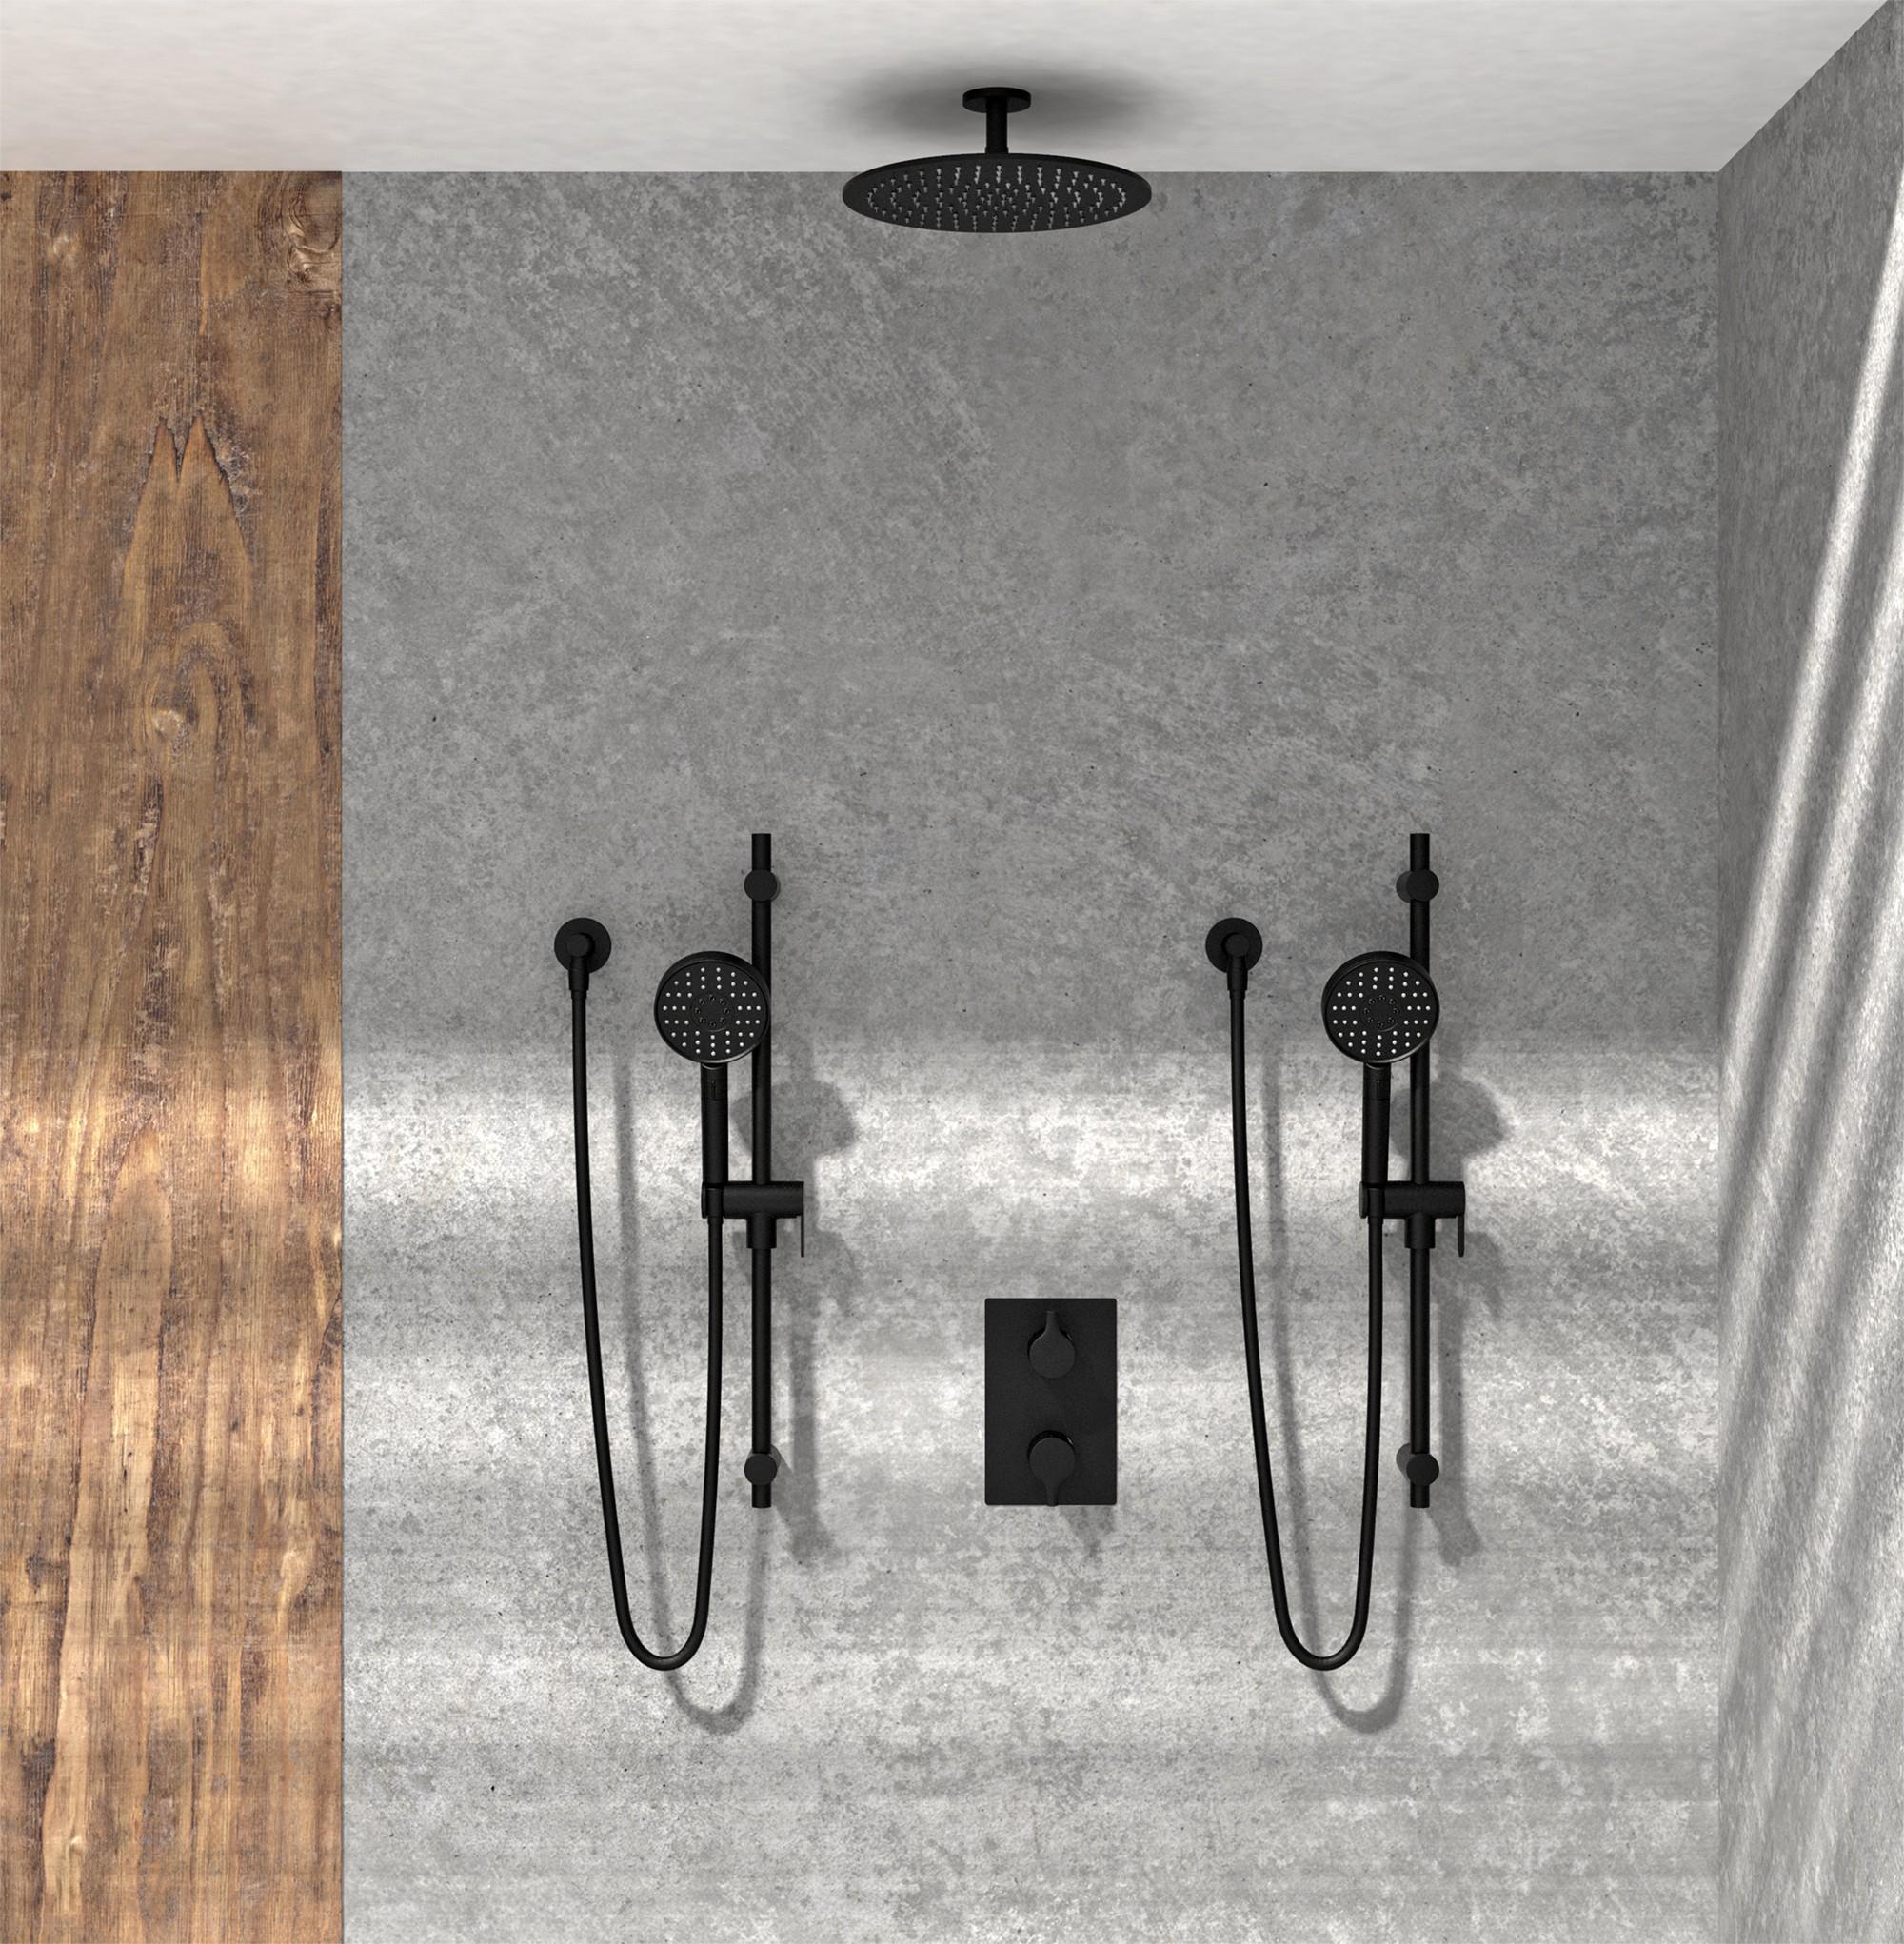 KIT-NOB163TS3TMB Robinet de douche noir mat avec une pomme de douche, deux douches à main dans douche en pierre